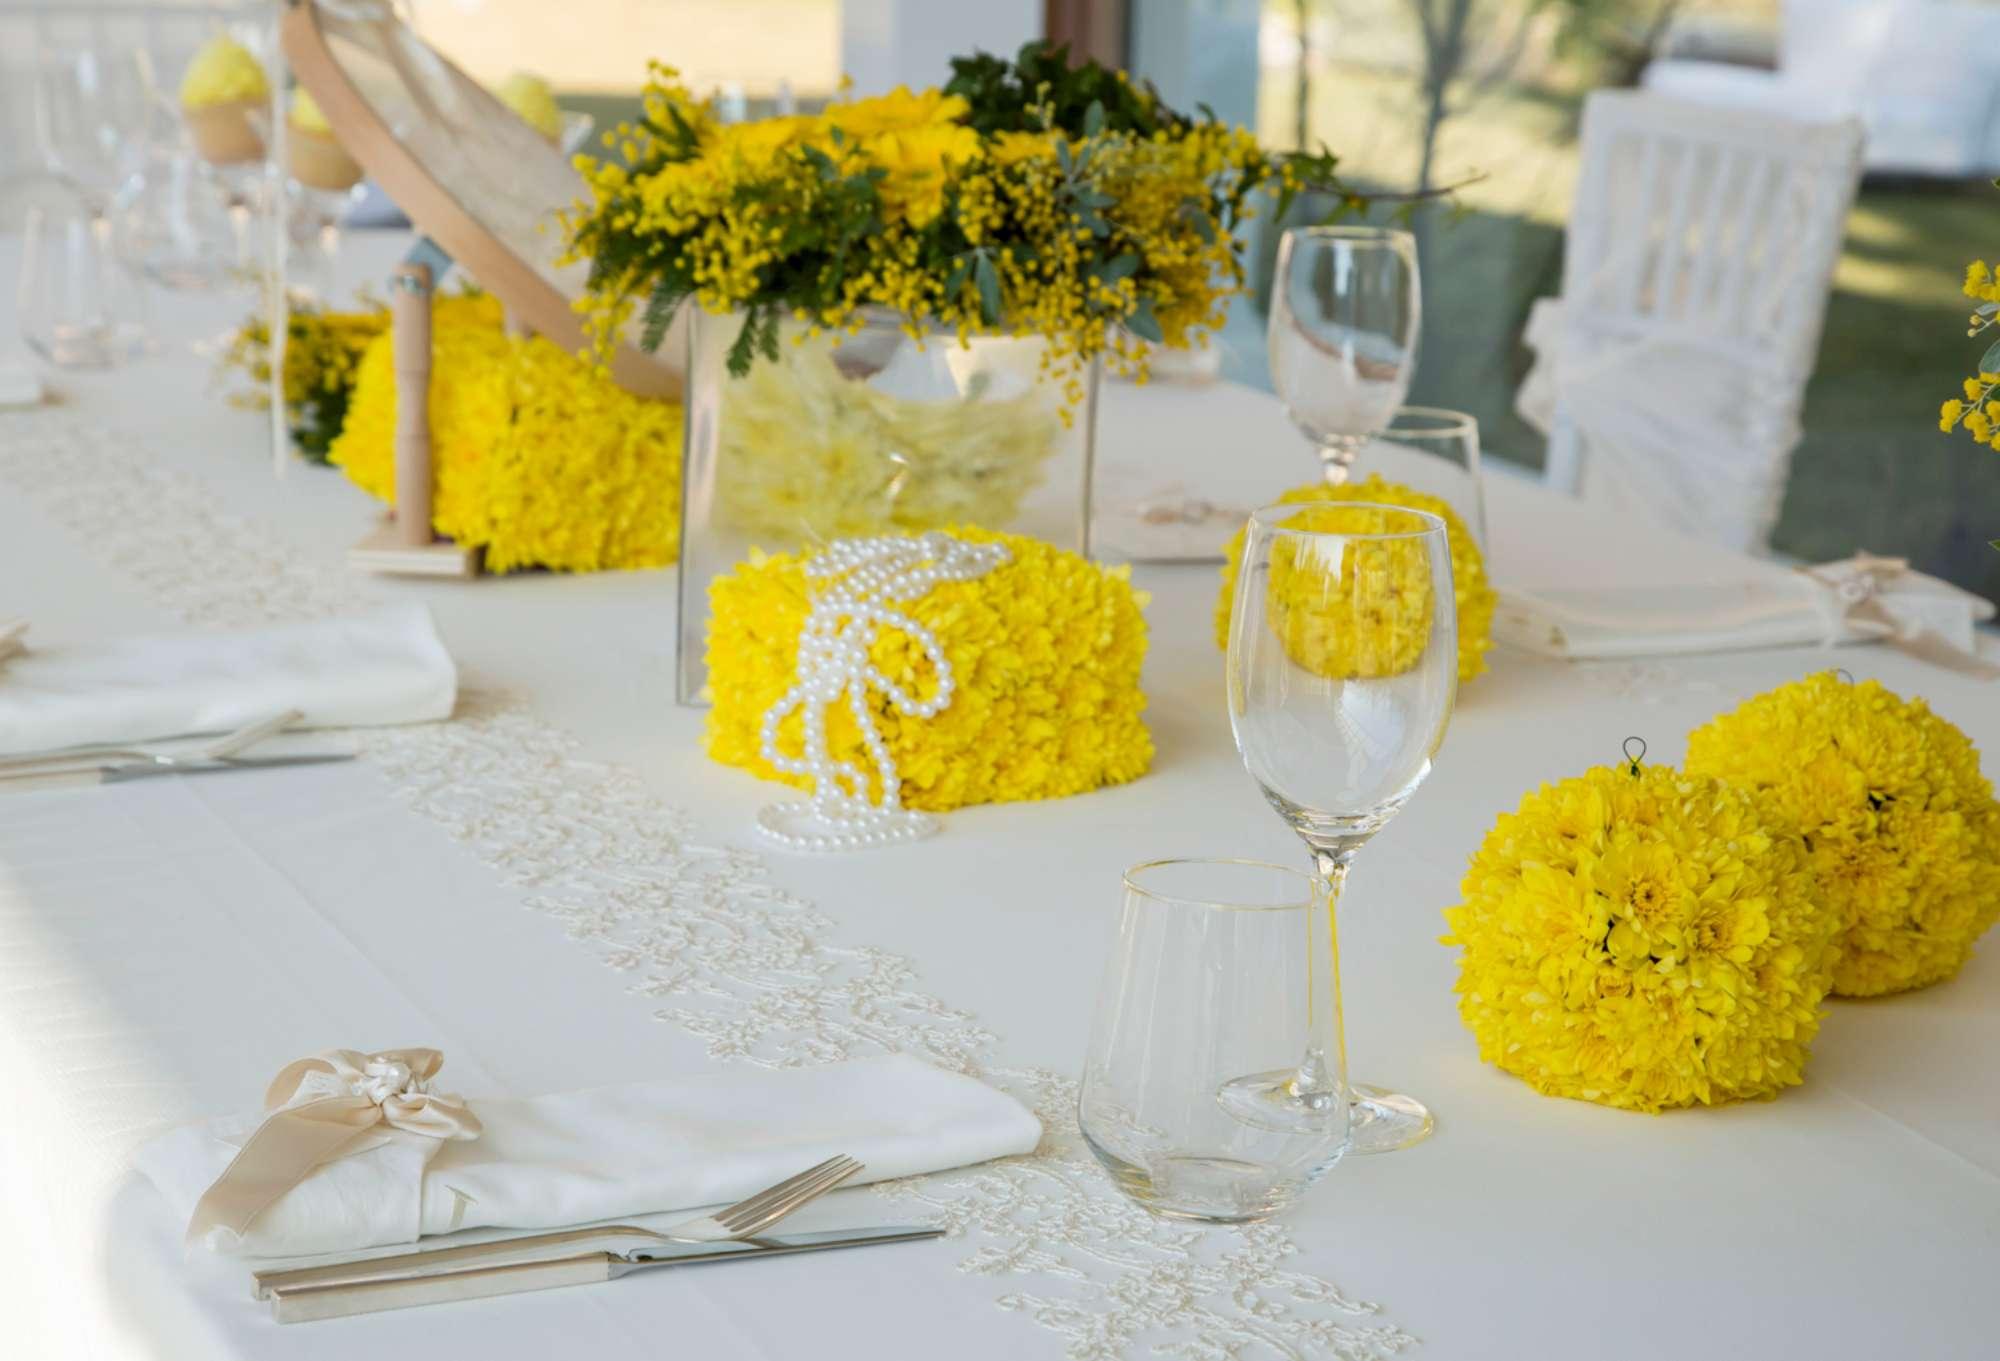 Matrimonio In Giallo E Bianco : Matrimonio marzo e festa della donna insieme panorama